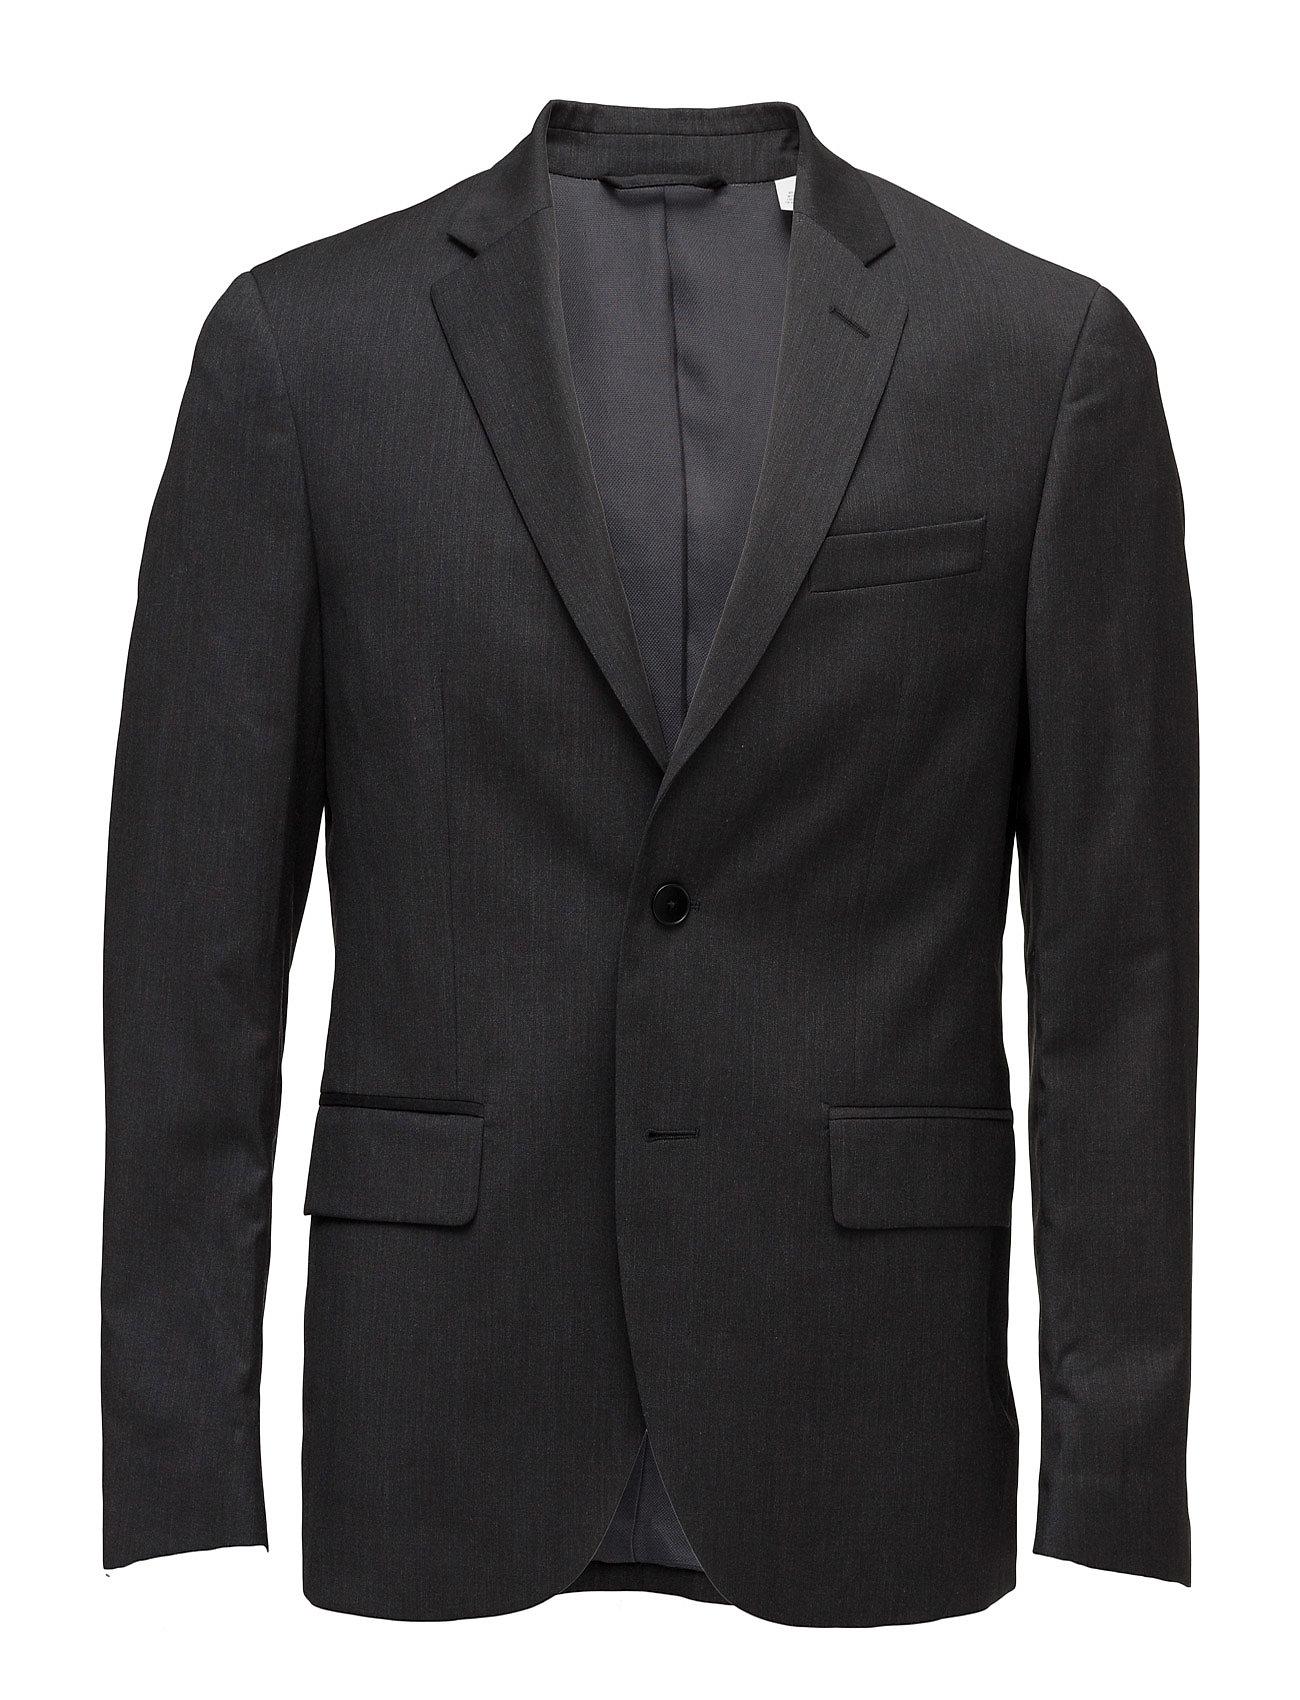 G. Travel Suit Jacket GANT Blazere til Herrer i Charcoal Melange